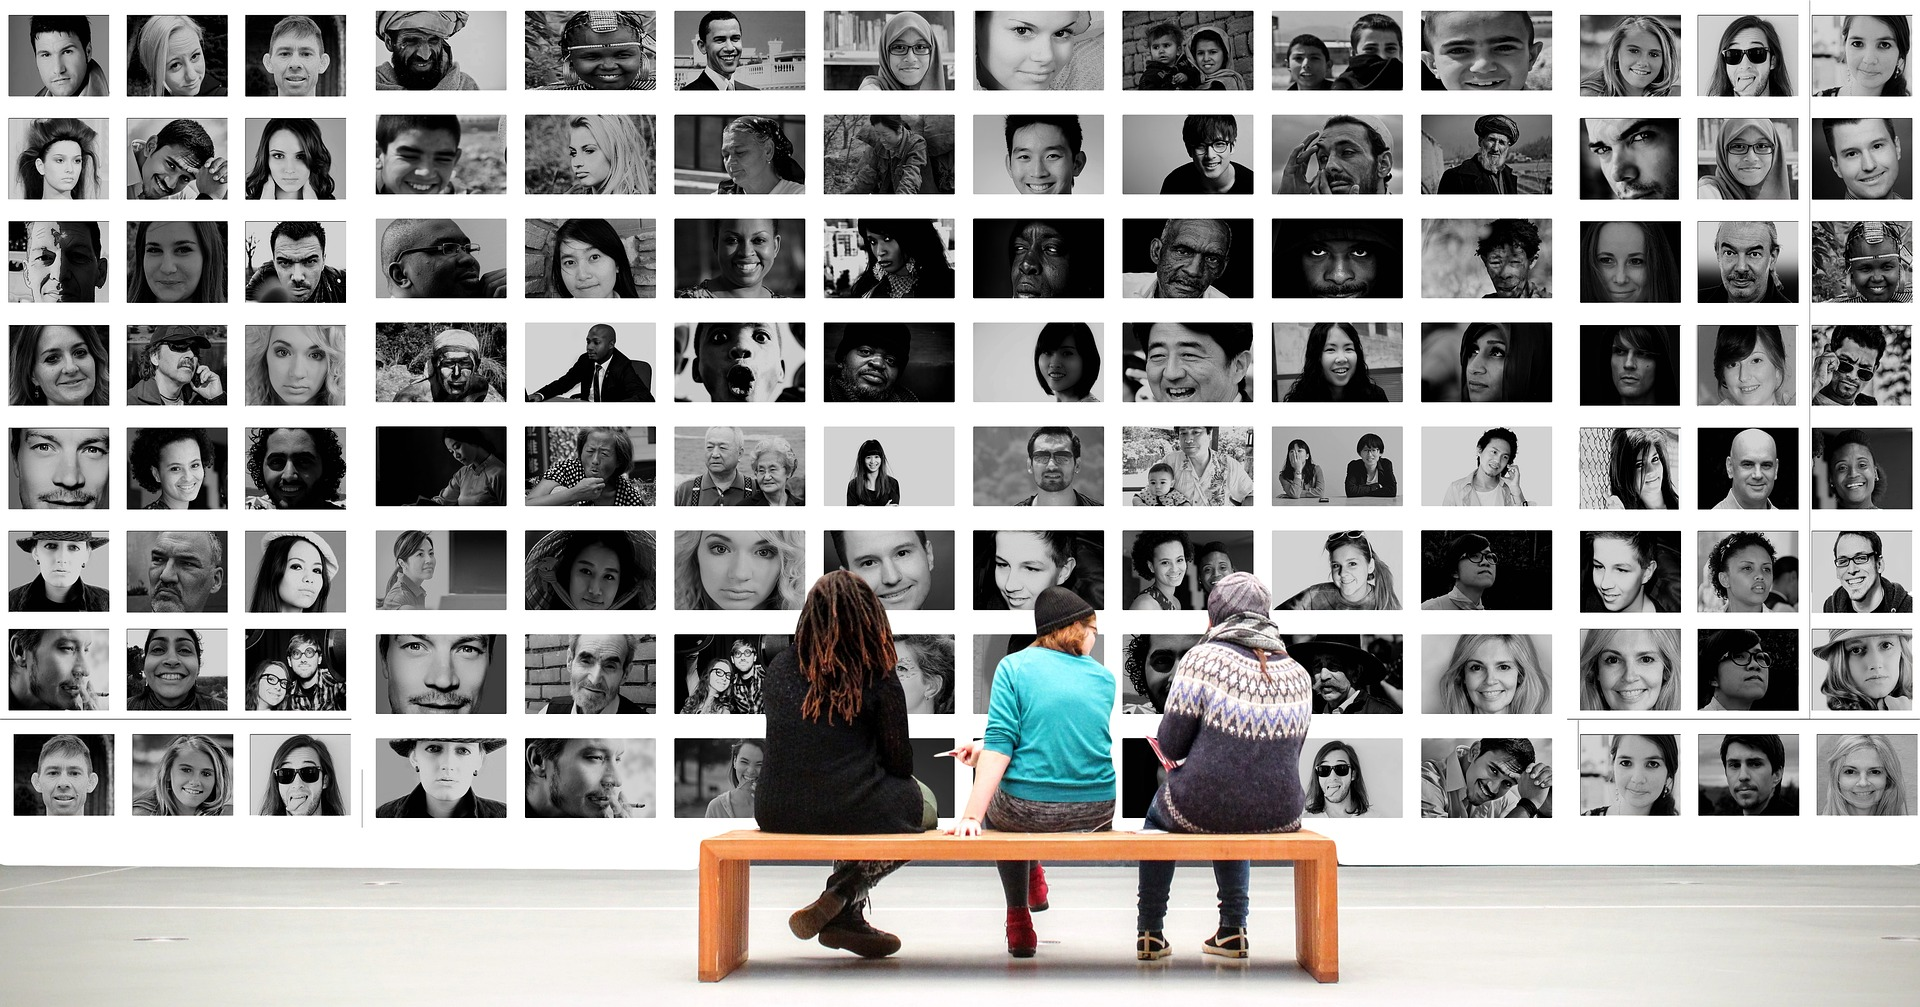 Как использовать аналитику контекстной рекламы в социальных сетях